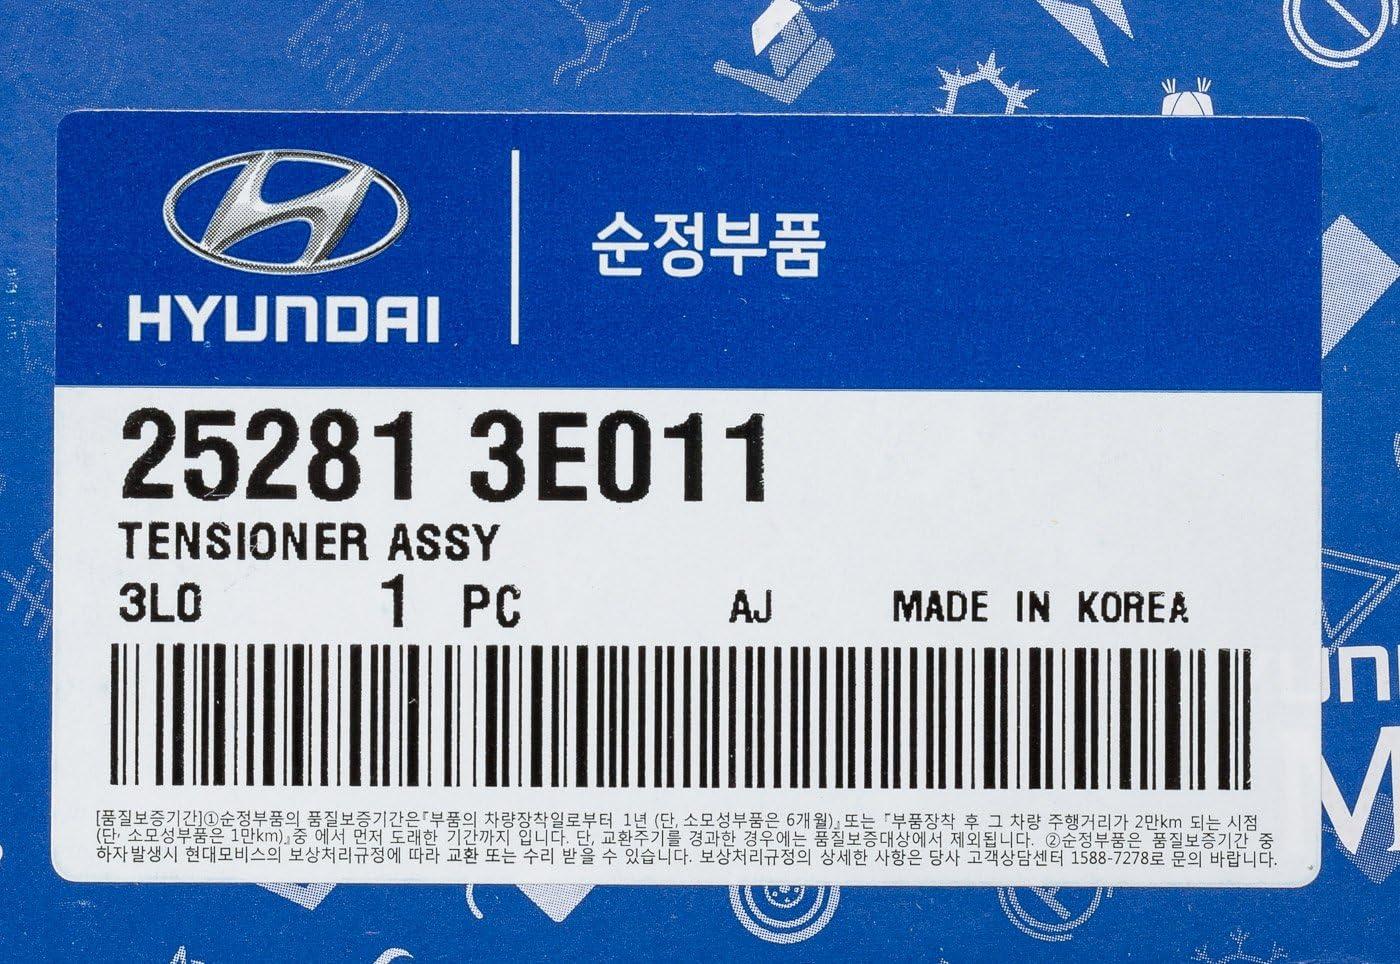 Genuine Hyundai 25281-3E011 Tensioner Assembly